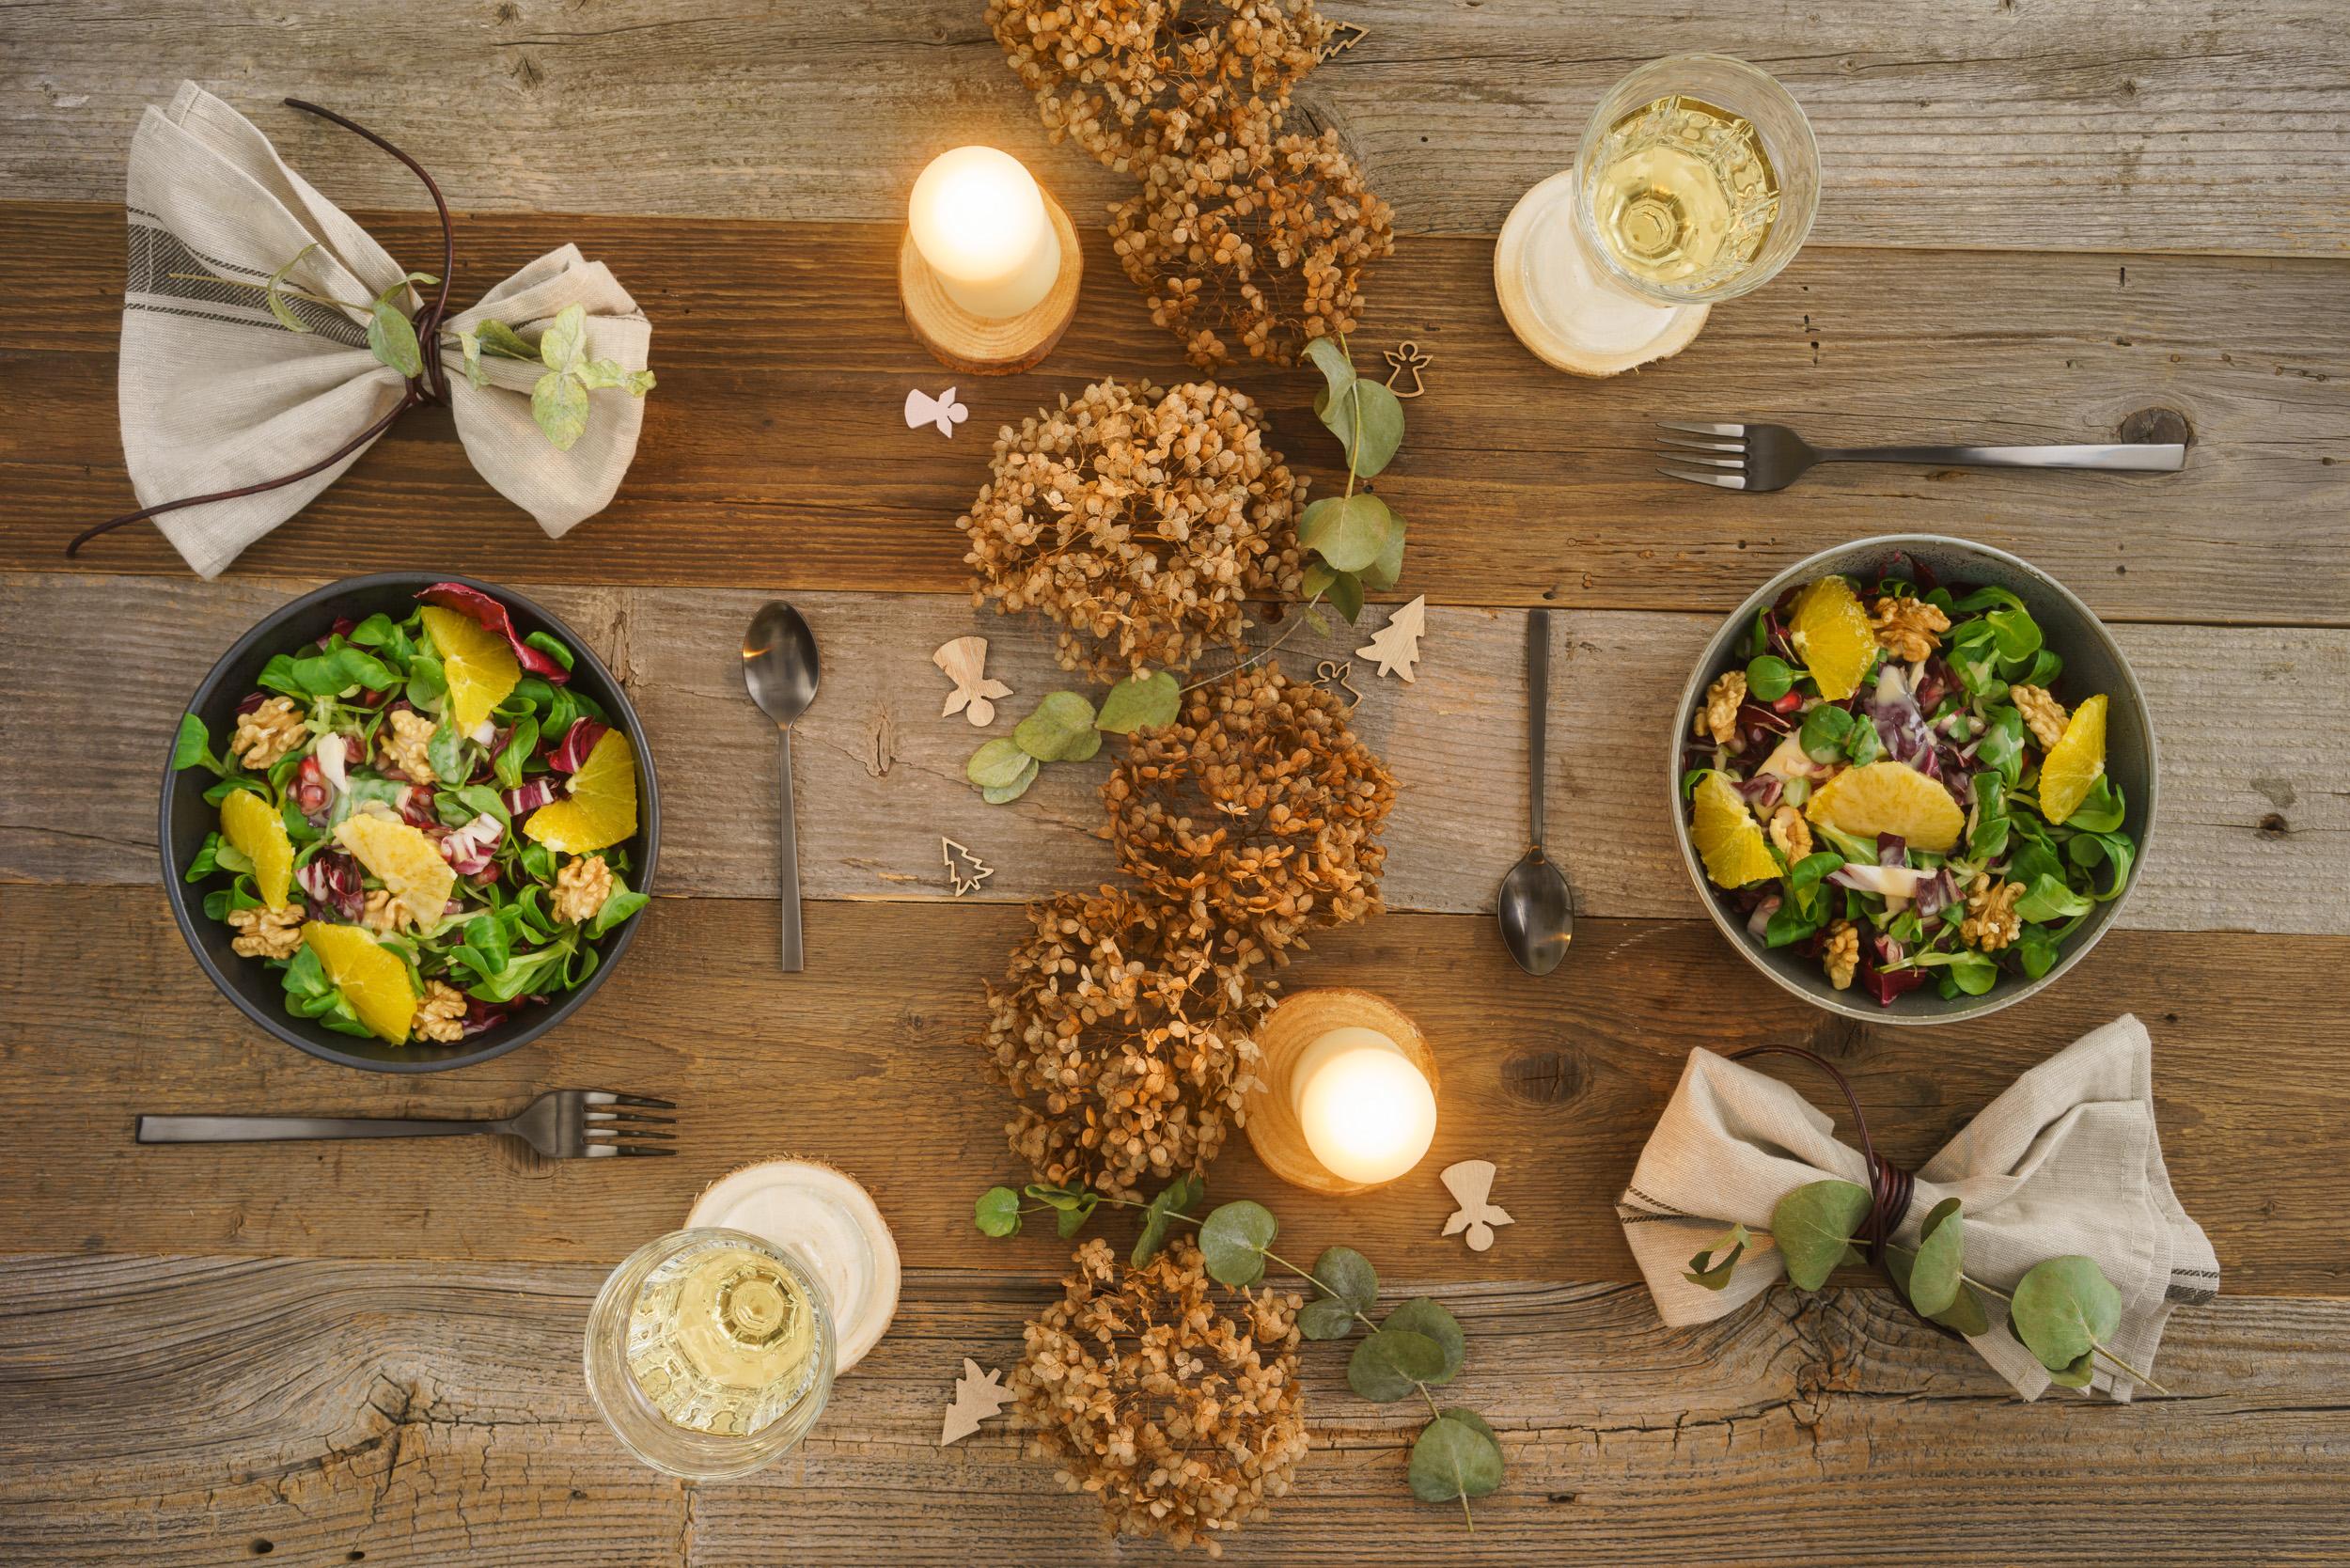 Vorspeise - Wintersalat mit fruchtigem Dressing